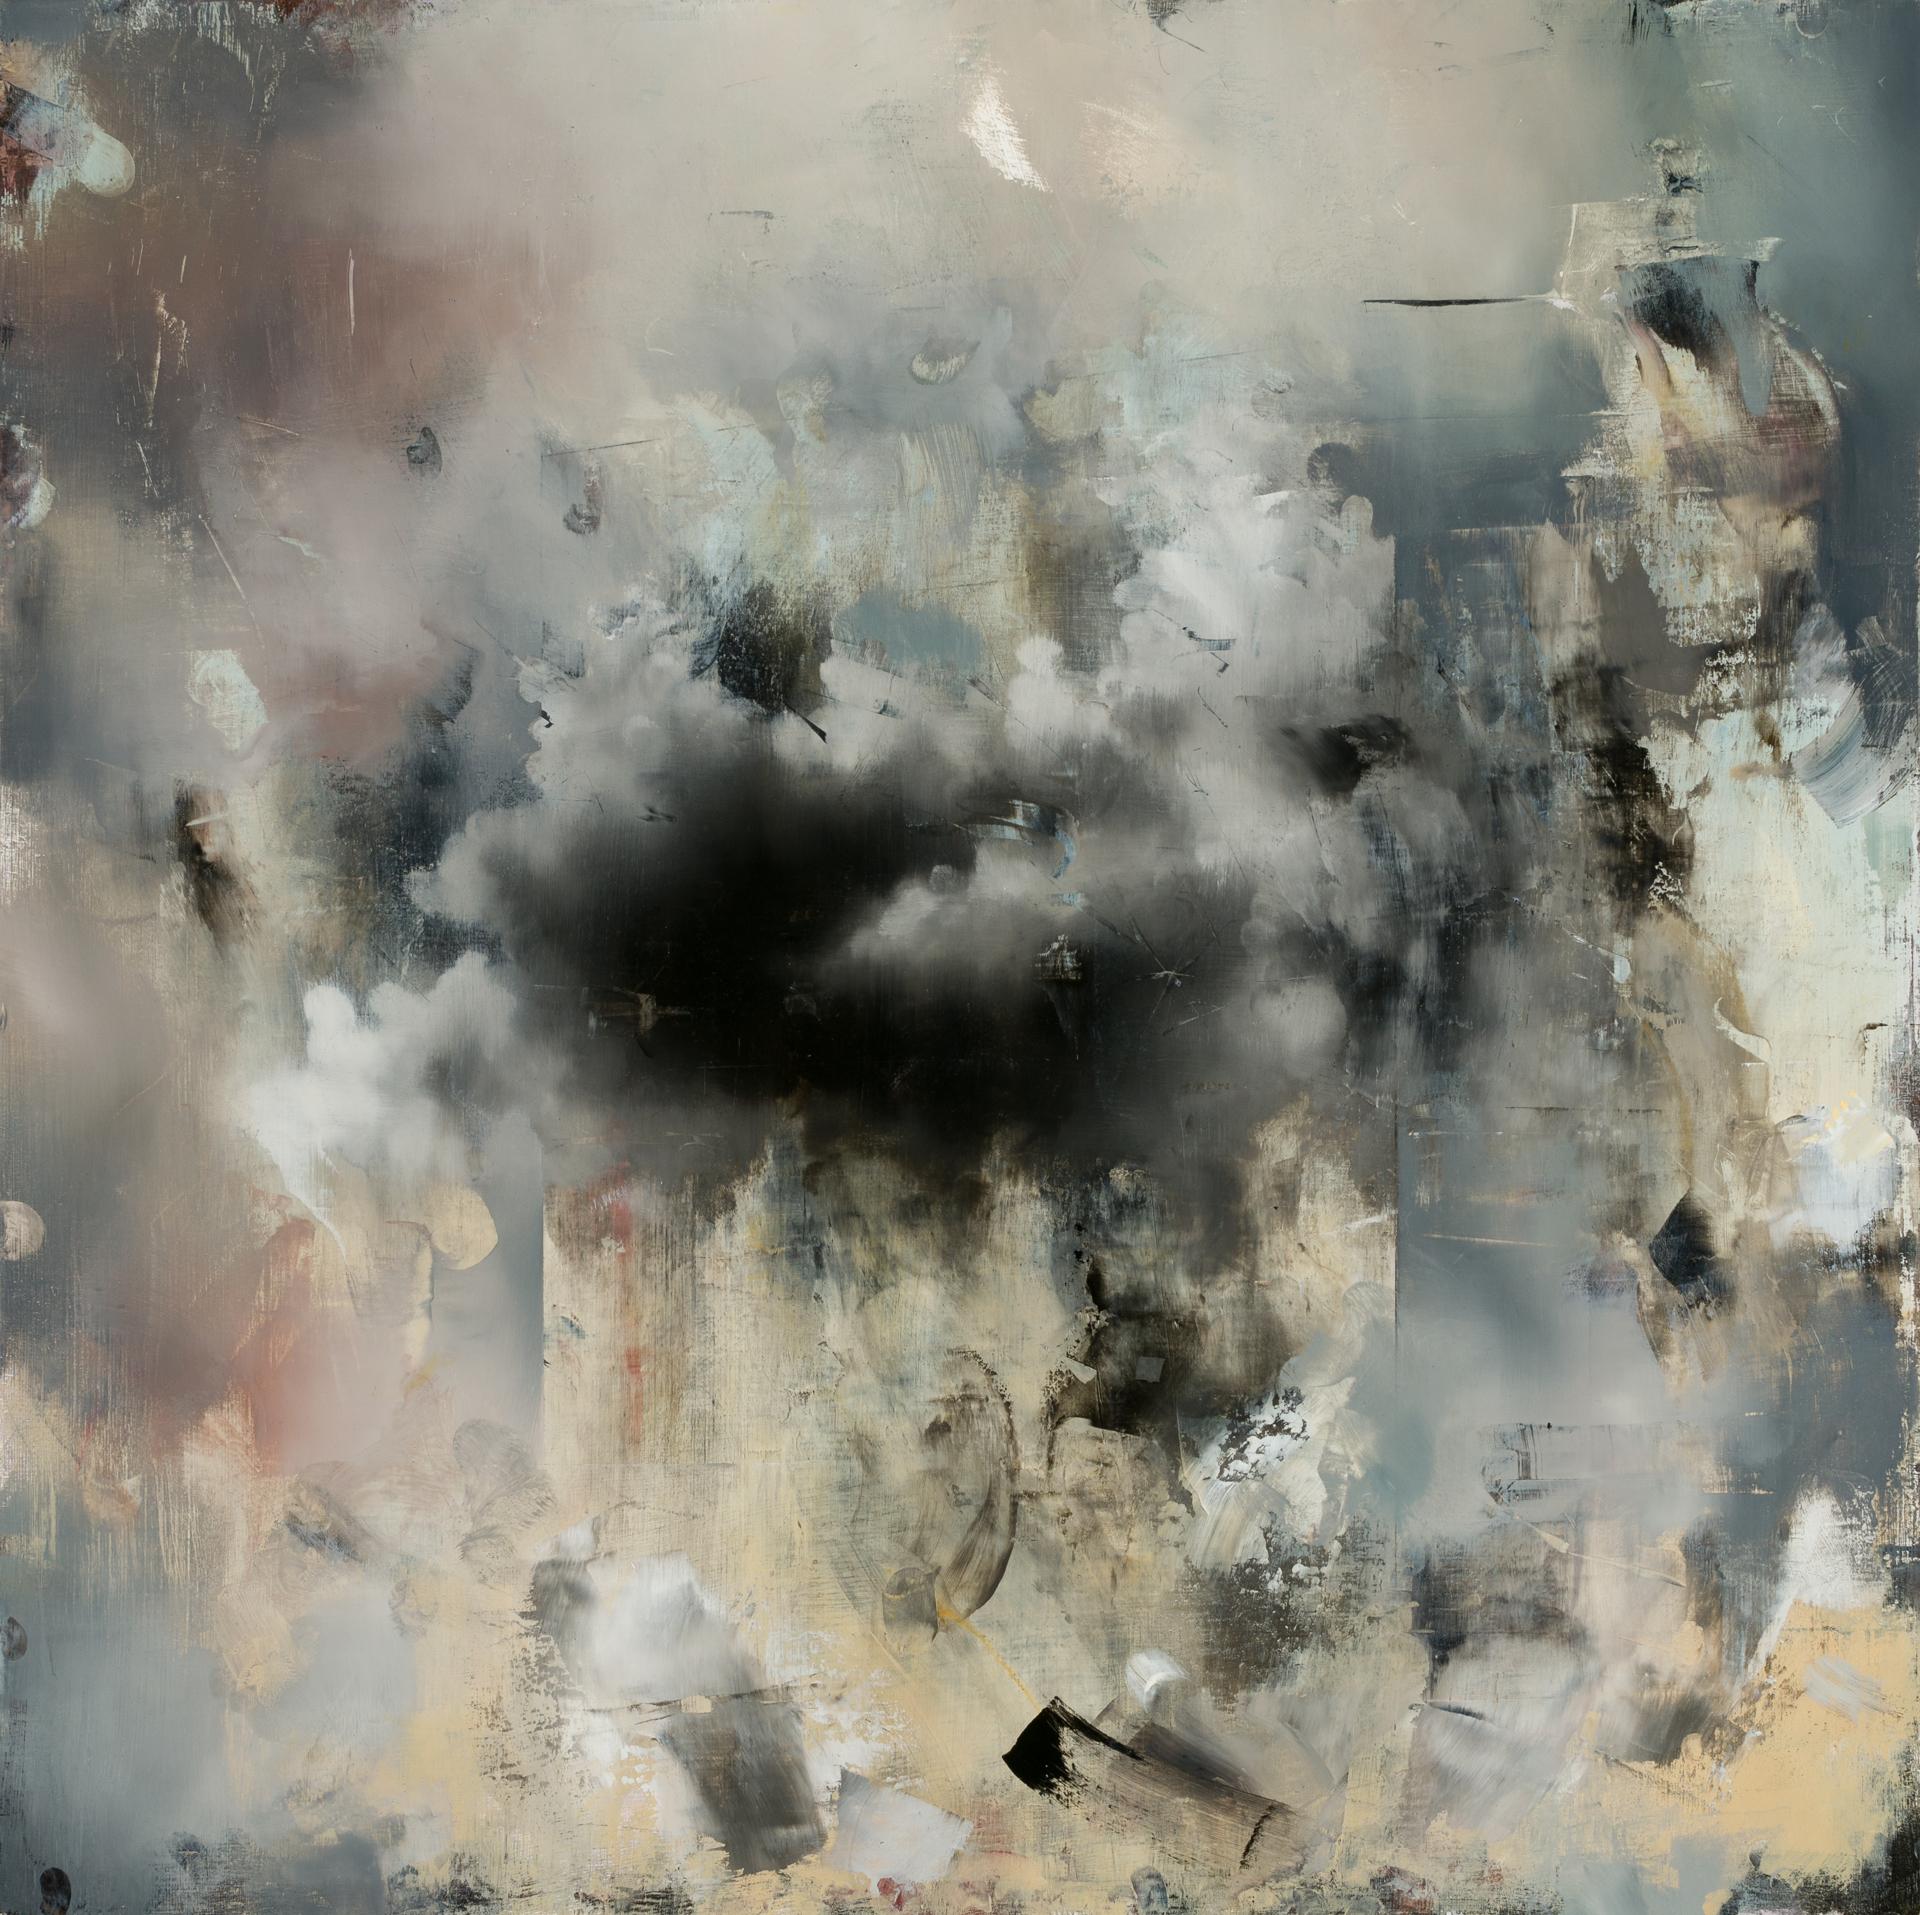 Black Cloud 4 by Matthew Saba